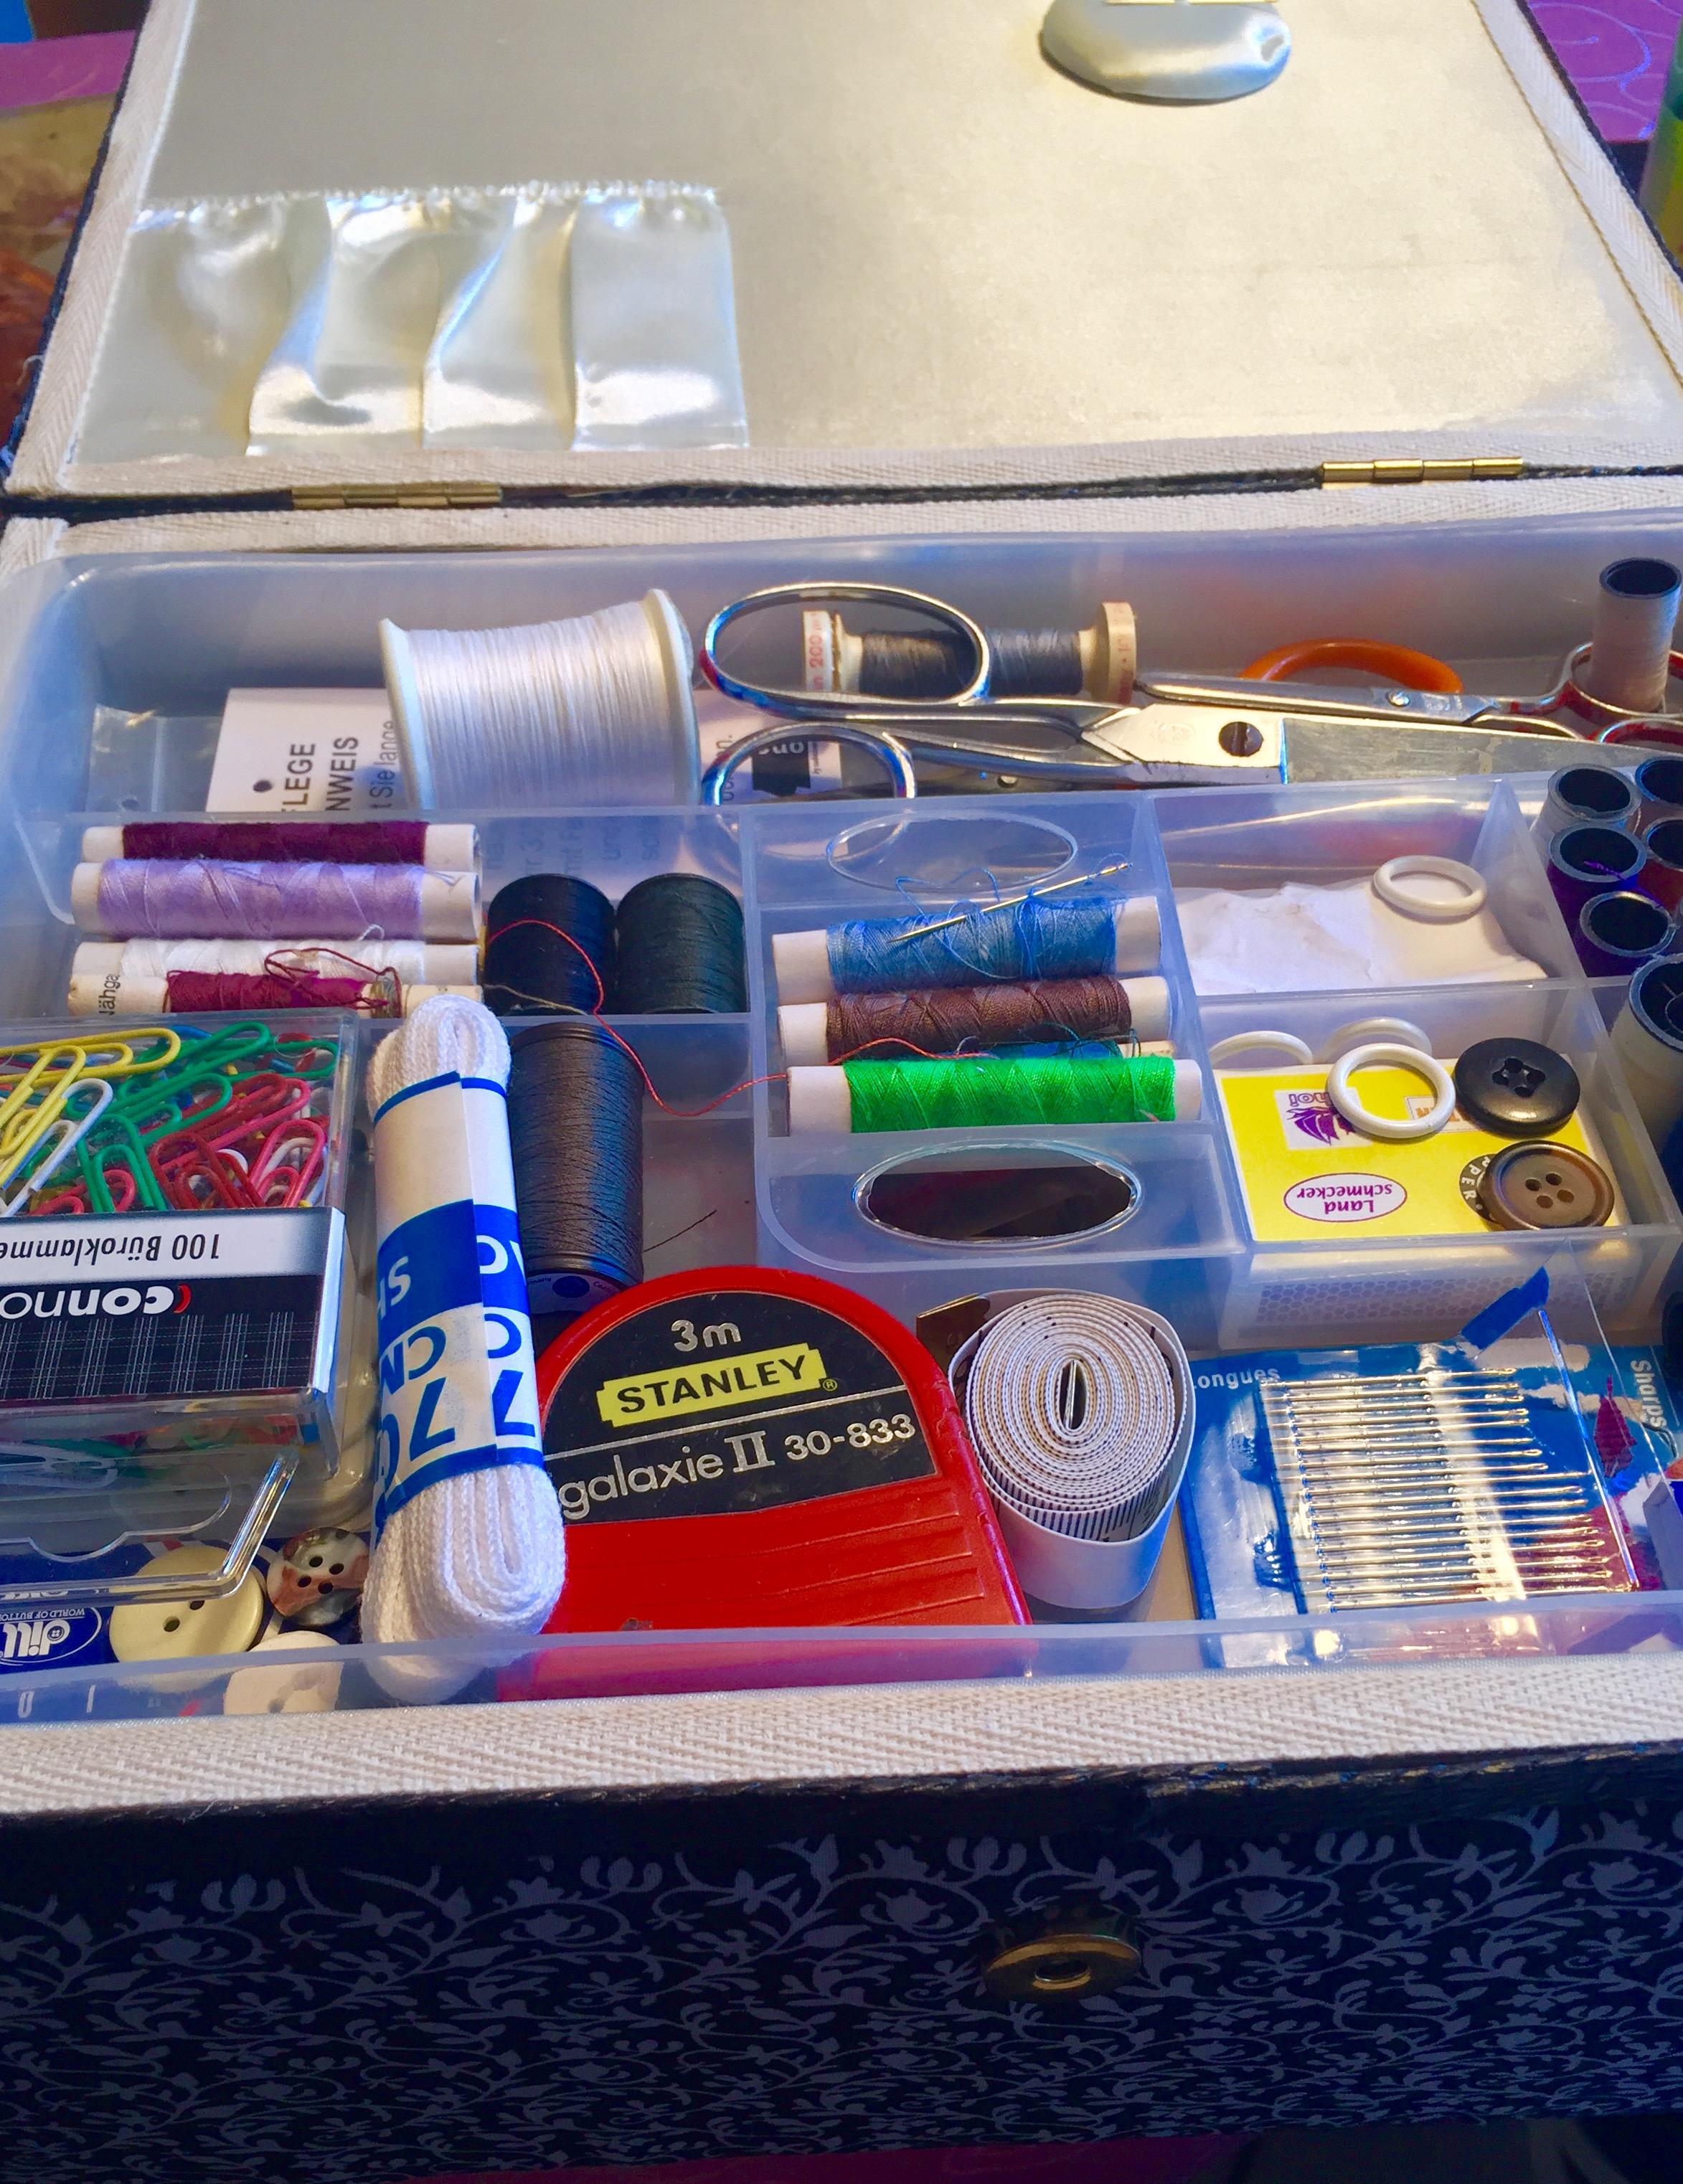 Brauche ich ein Nähset im Urlaub? - Ich packe meinen Koffer und nehme mit... Kofferpacken für einen Aufenthalt in Hotels, Pensionen und Appatements